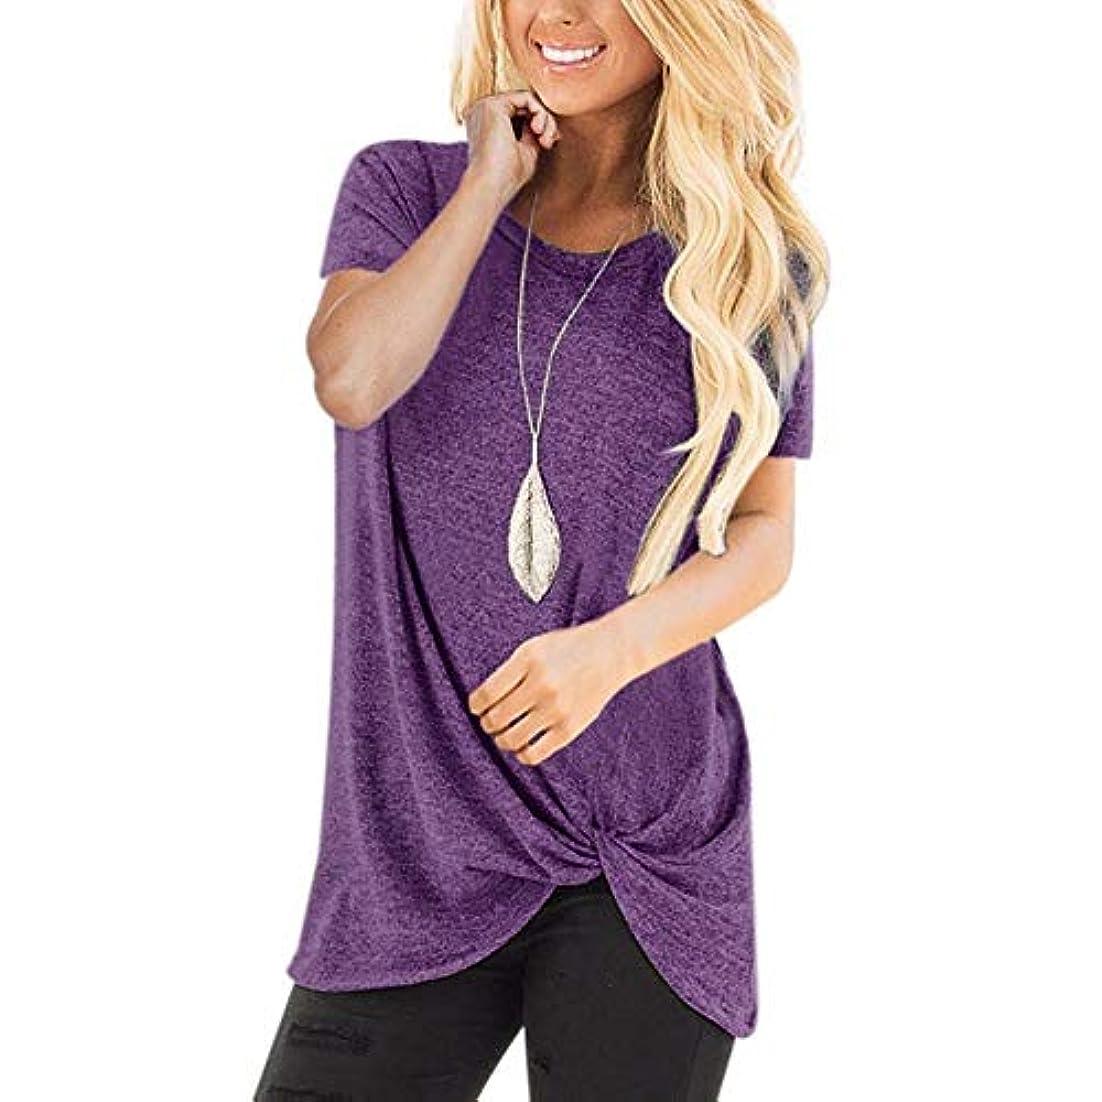 ジャズペチコート備品MIFAN コットンTシャツ、カジュアルTシャツ、レディースブラウス、トップス&Tシャツ、プラスサイズ、ルーズtシャツ